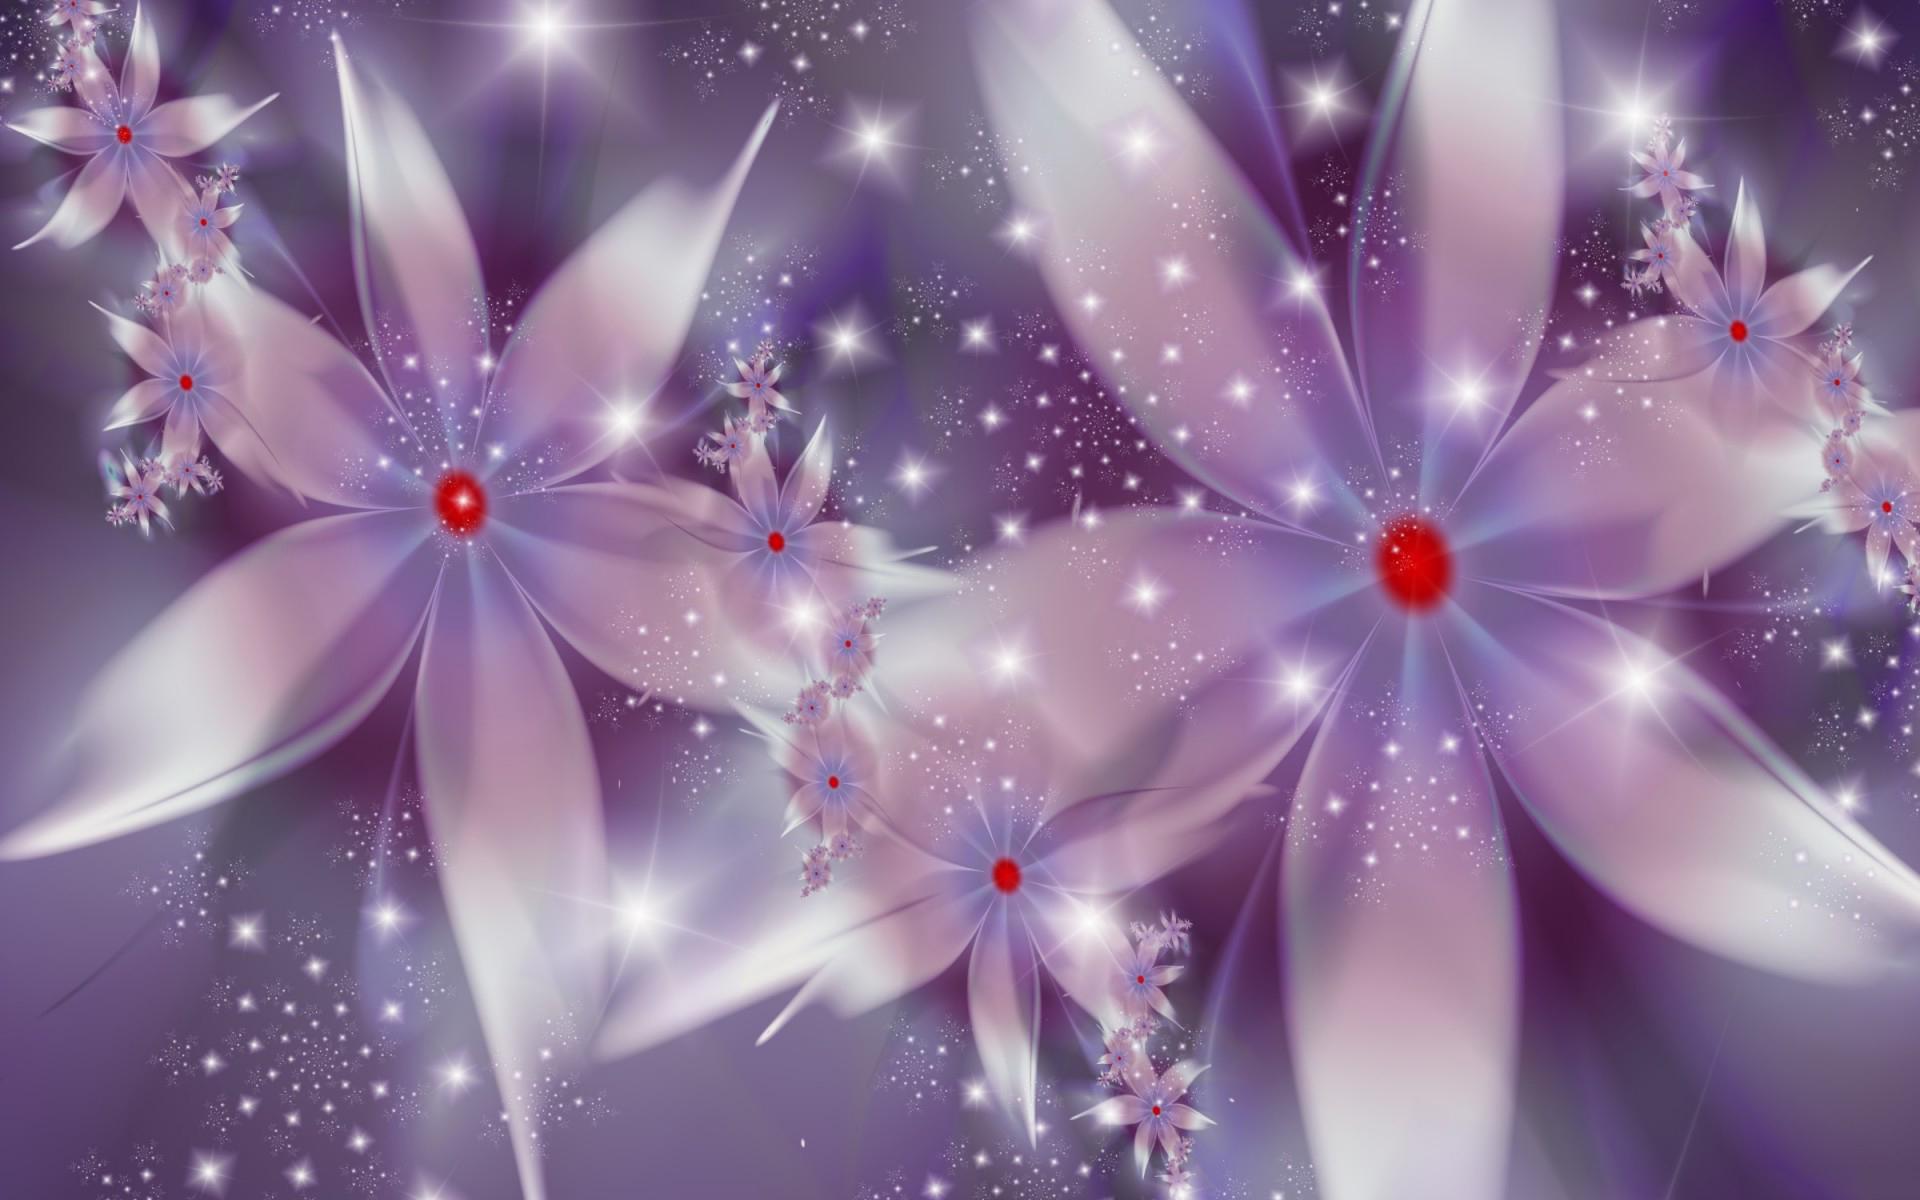 цветок сиреневый абстракция загрузить